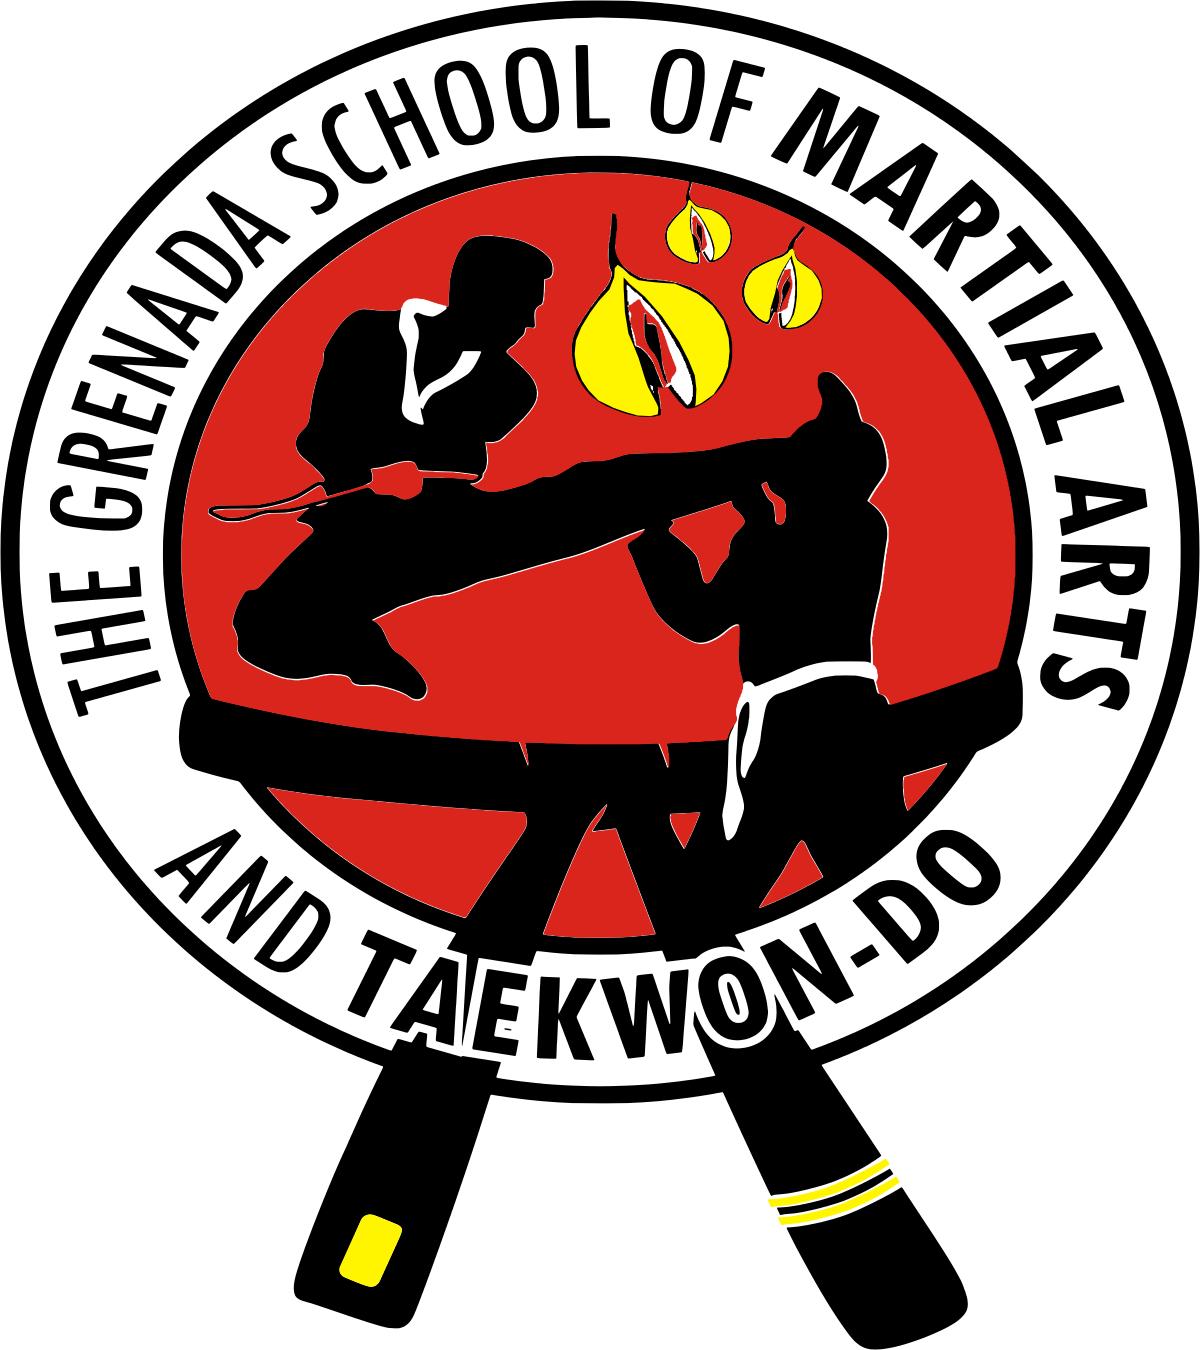 Grenada School of Martial Arts